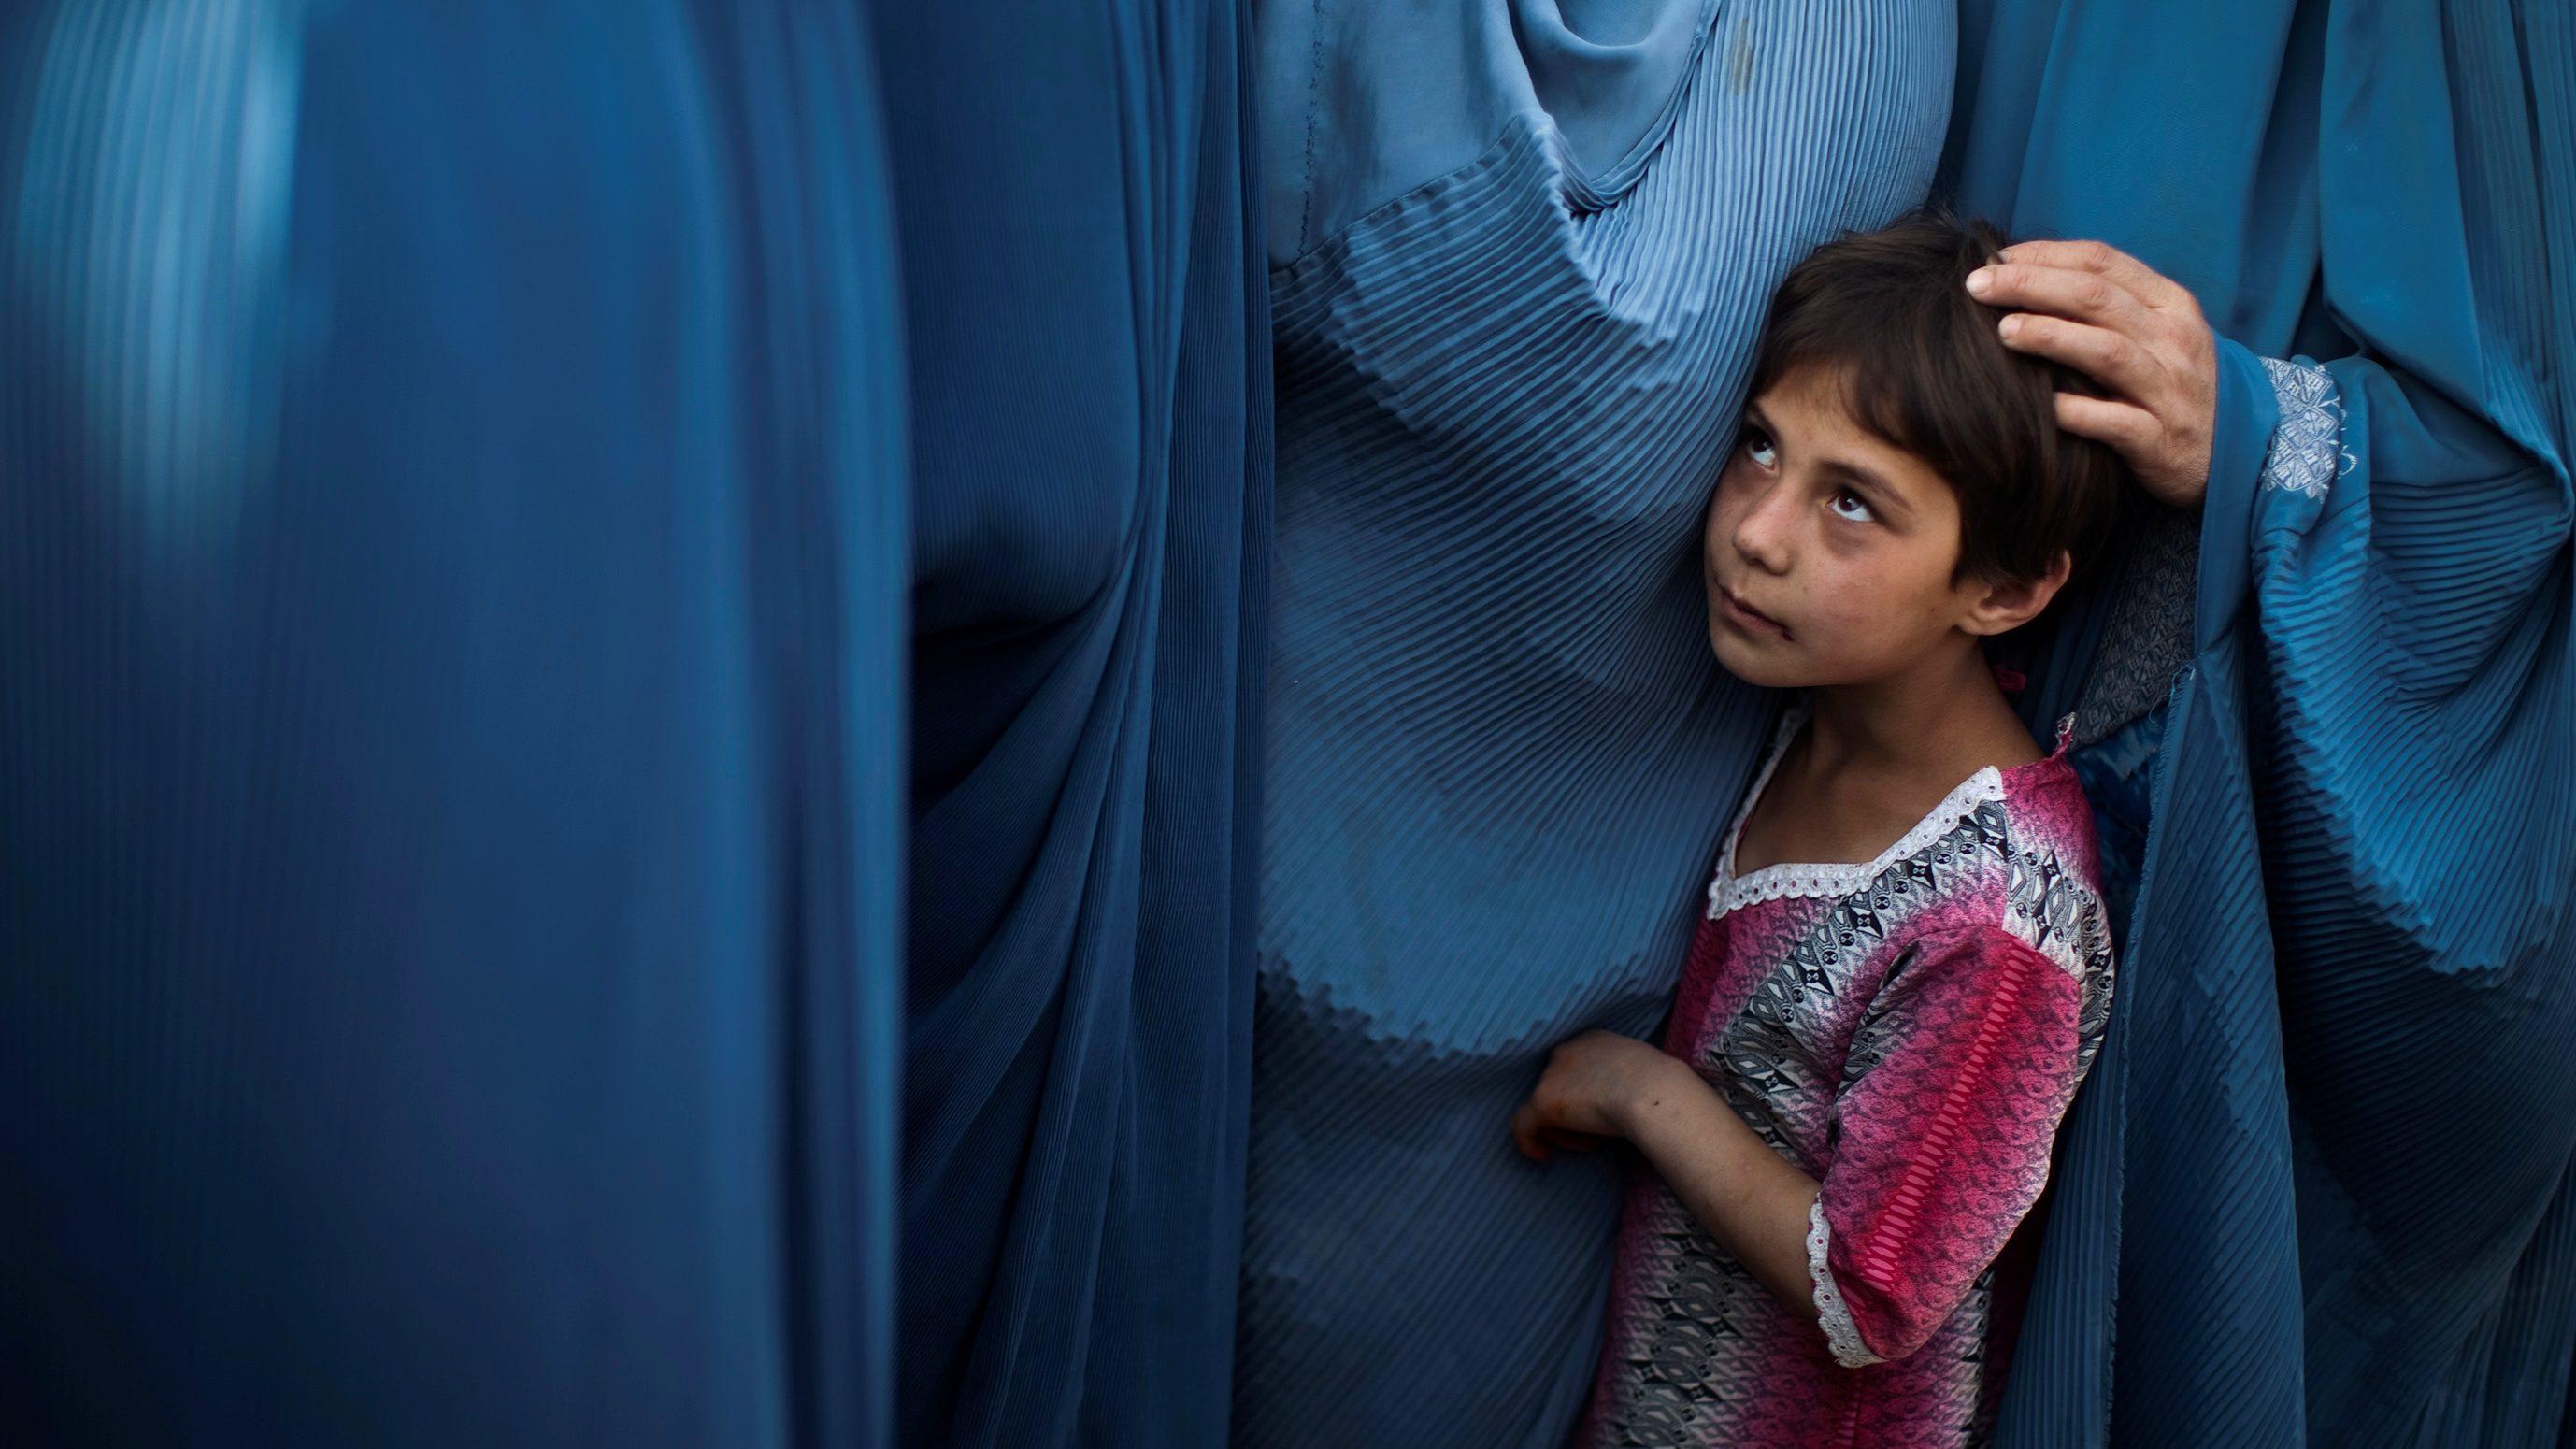 Twenty years in Afghanistan